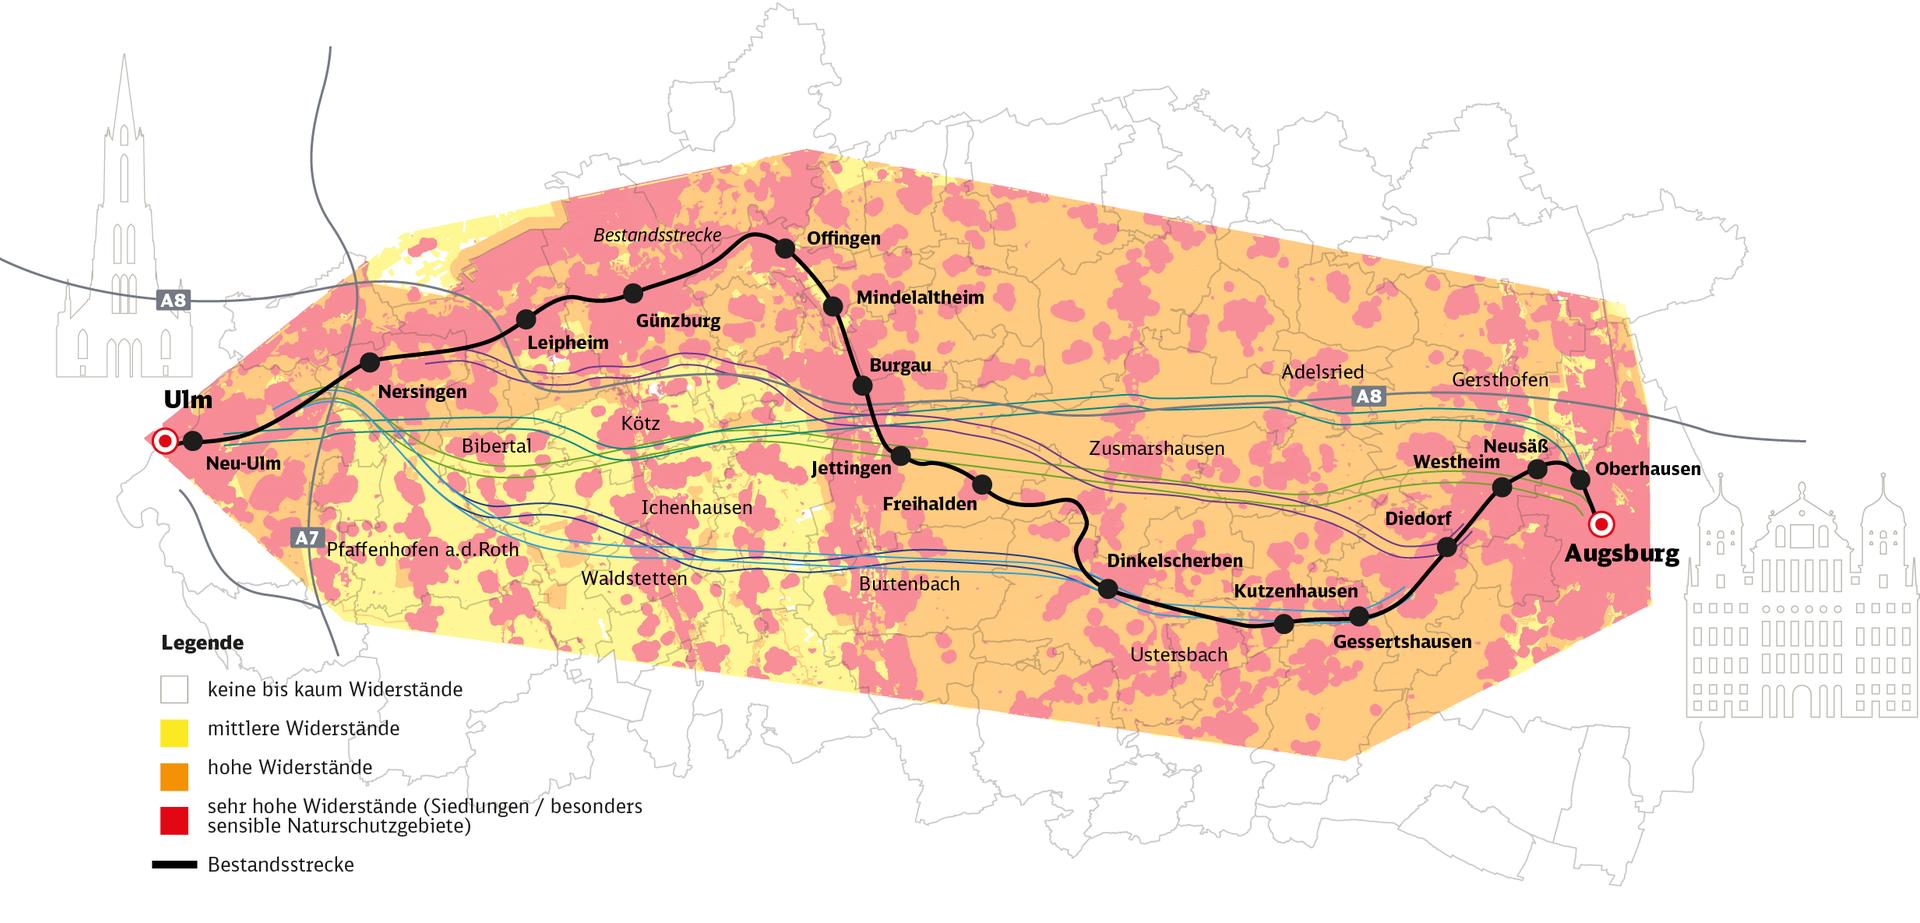 Raumwiderstandskarte mit Trassierungsräumen